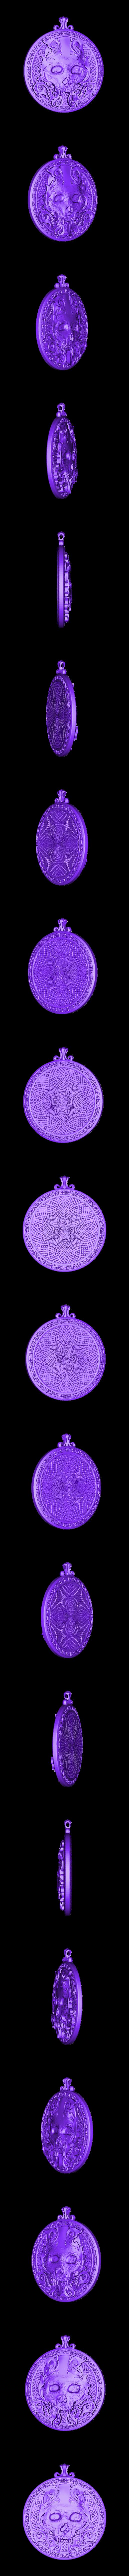 Skull  pendant Jewelry medallion.stl Télécharger fichier STL gratuit Pendentif crâne Médaillon de bijouterie Modèle d'impression 3D • Plan pour impression 3D, Cadagency